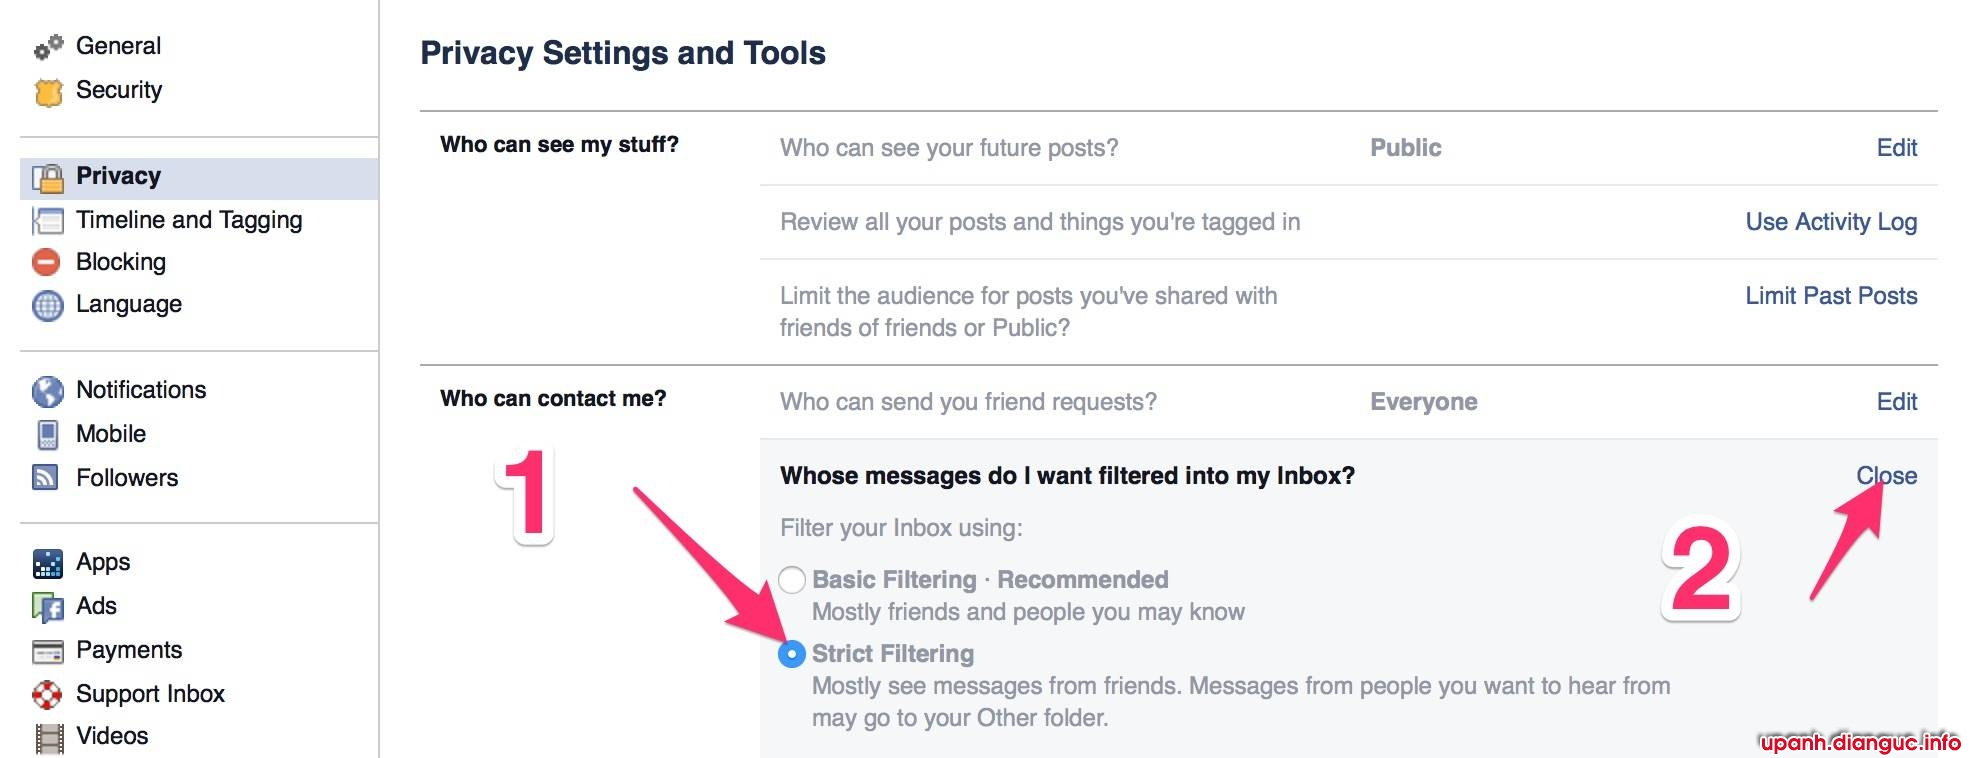 Cách chặn tin nhắn quảng cáo từ Group lạ trên Facebook